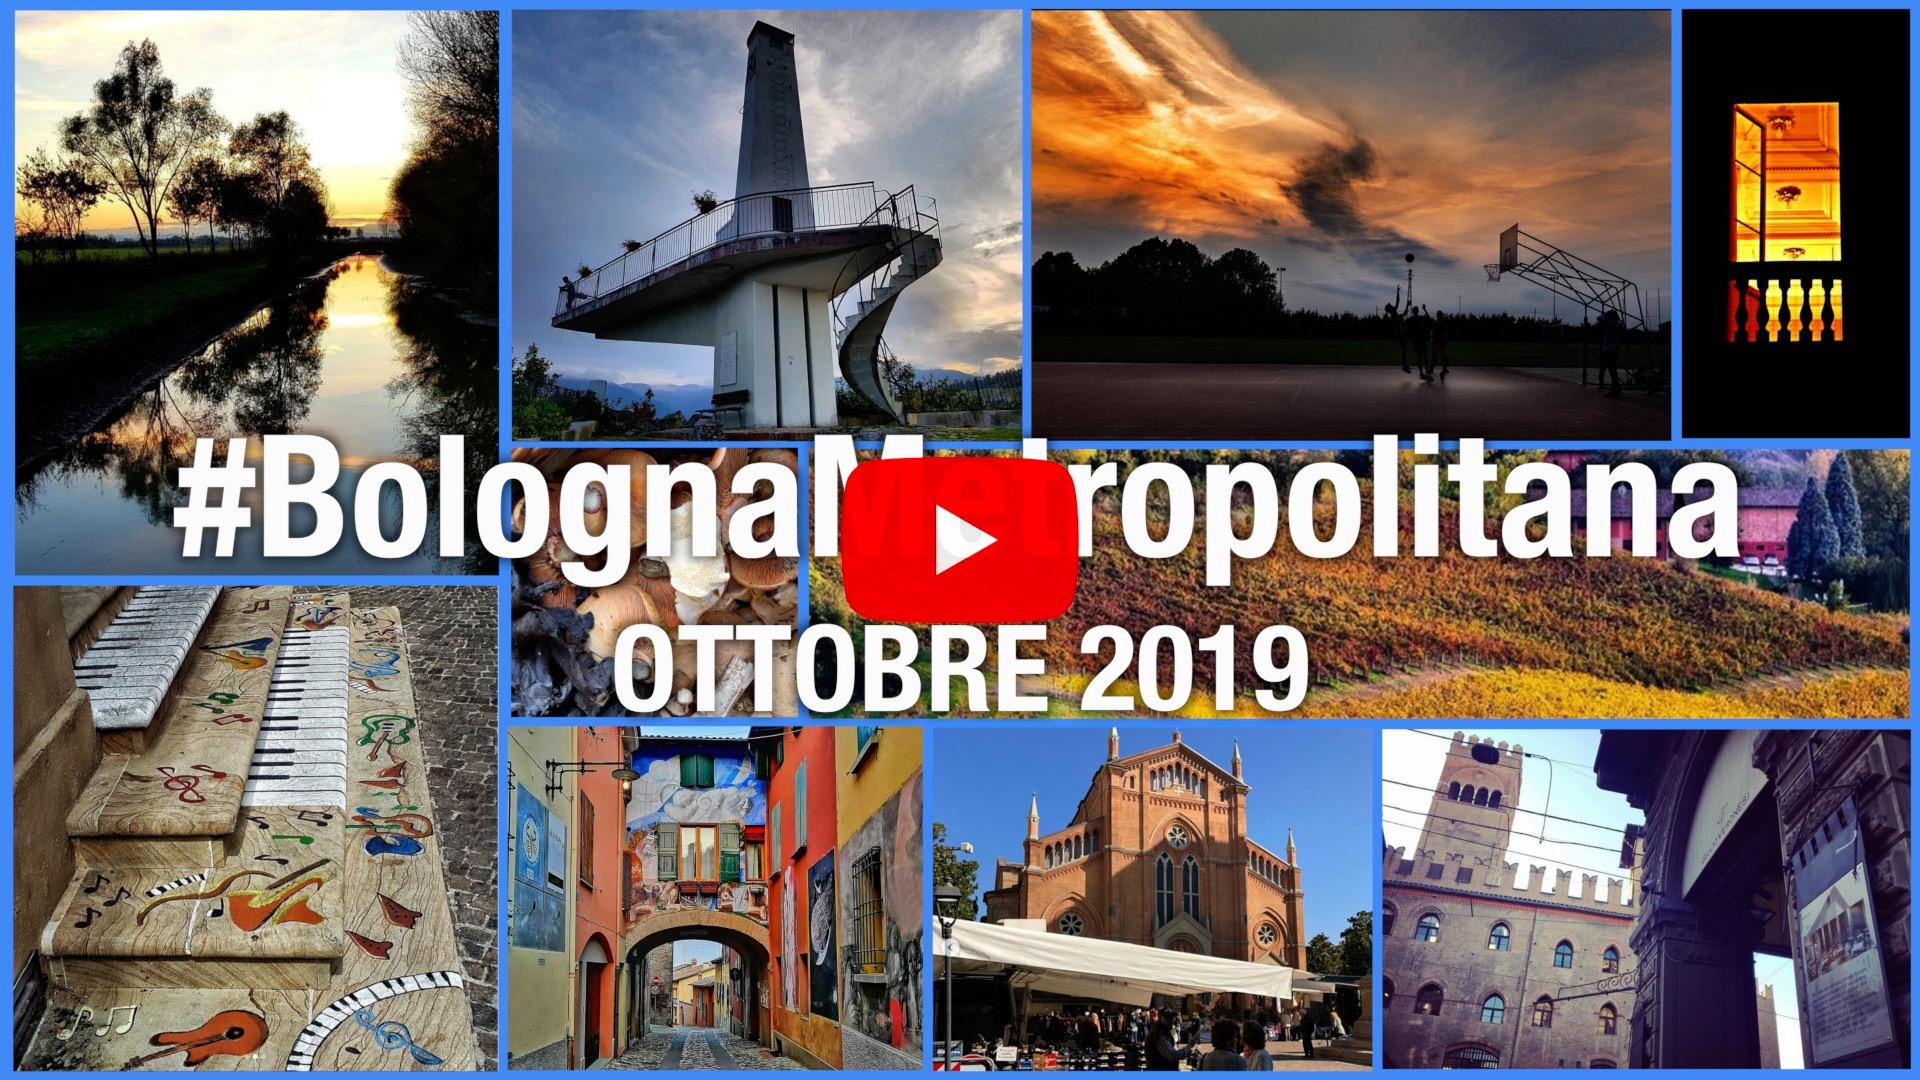 #BolognaMetropolitana - Le immagini più belle di ottobre 2019